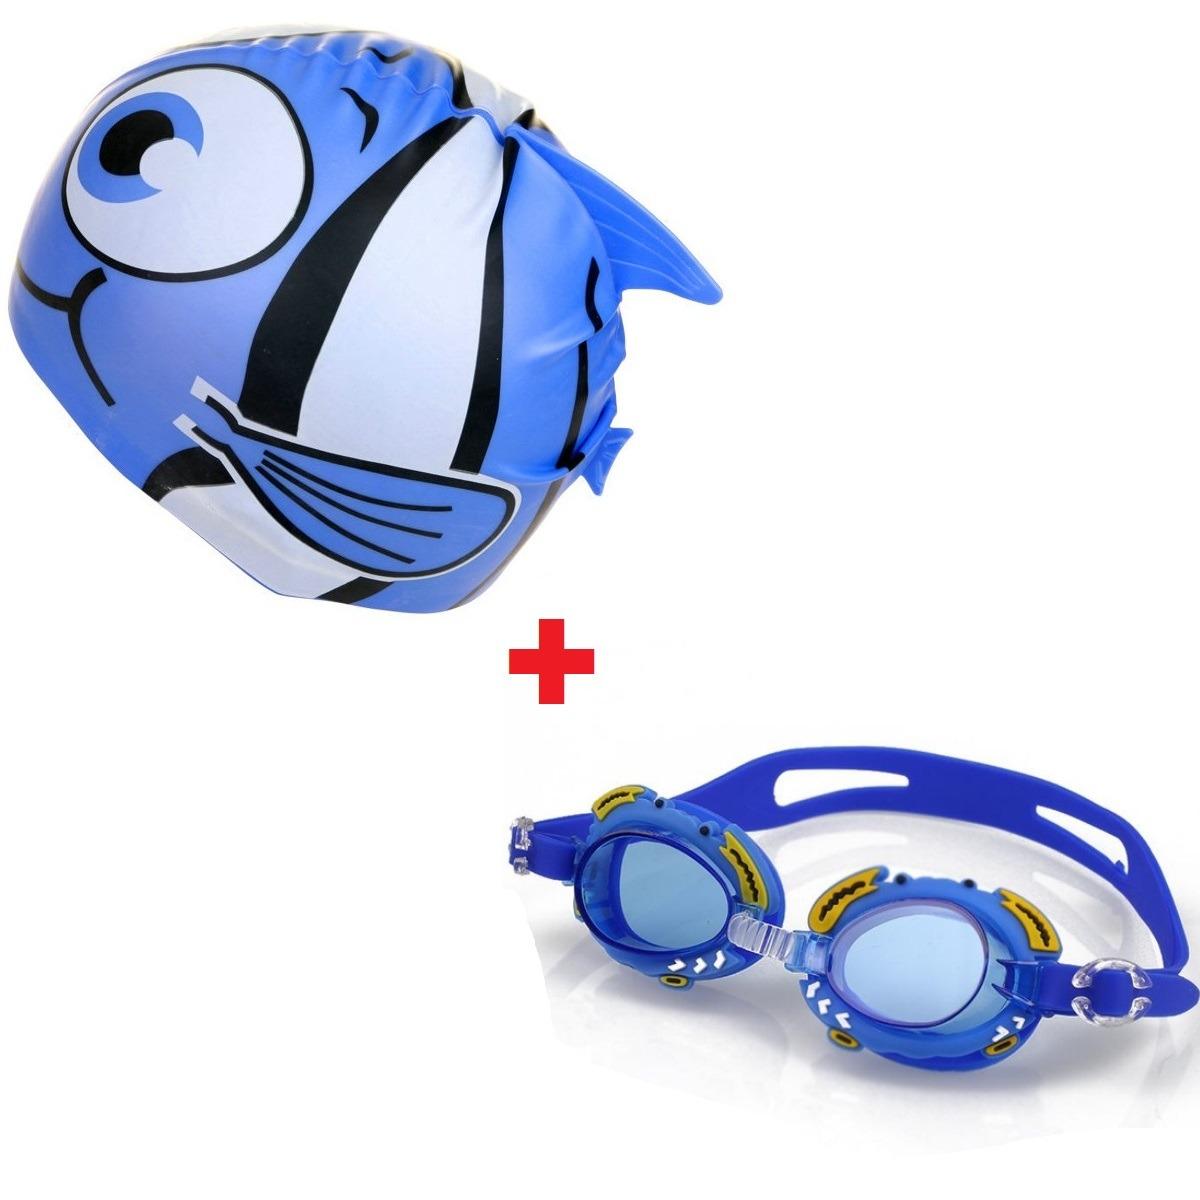 conjunto touca infantil + óculos natação infantil promoção. Carregando zoom. c3303dbdfec